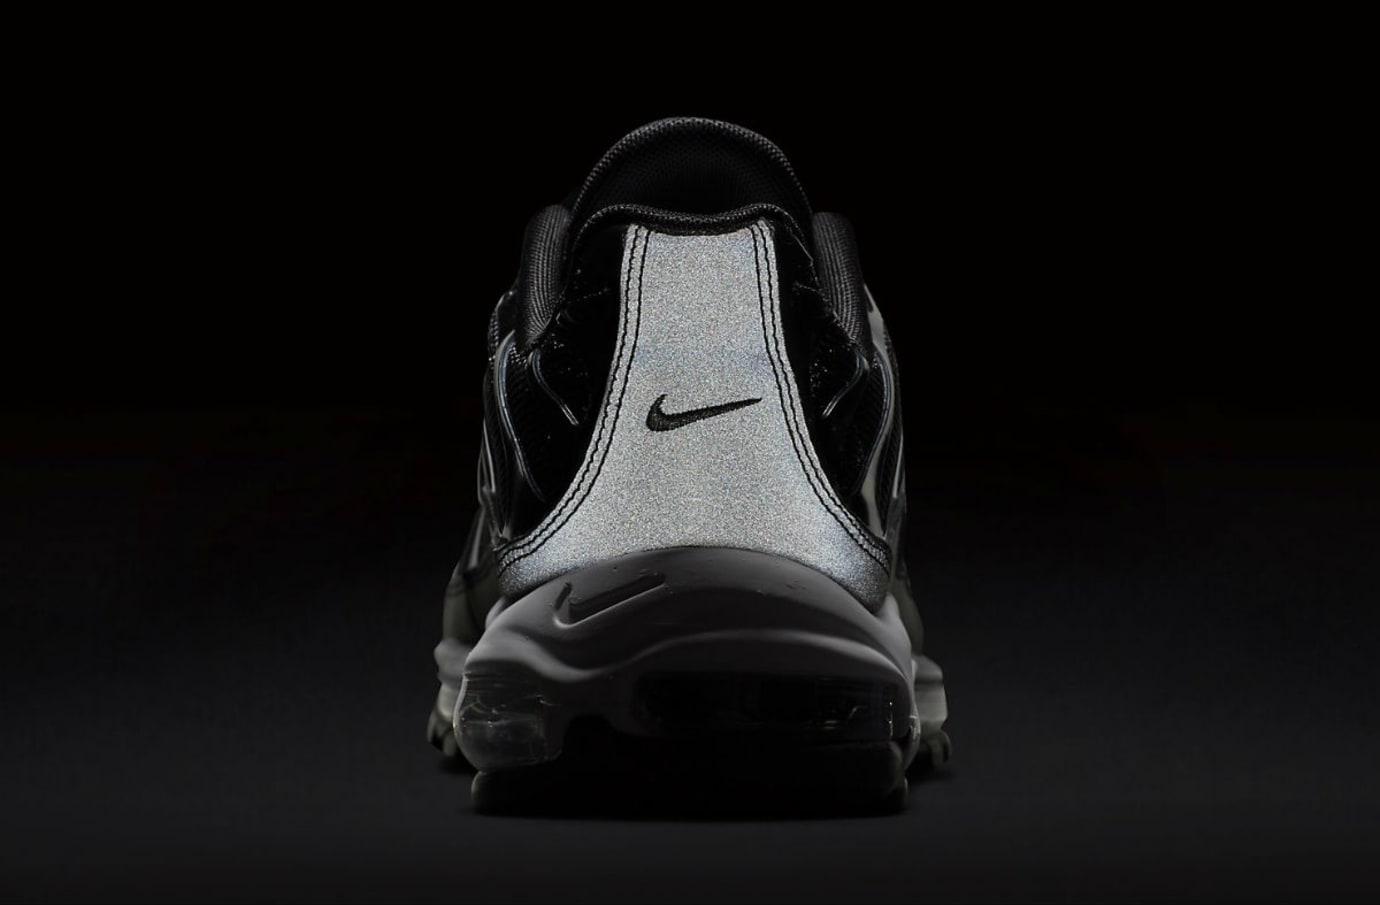 Nike Air Max Plus 97 Black/White Release Date 3M AH8144-001